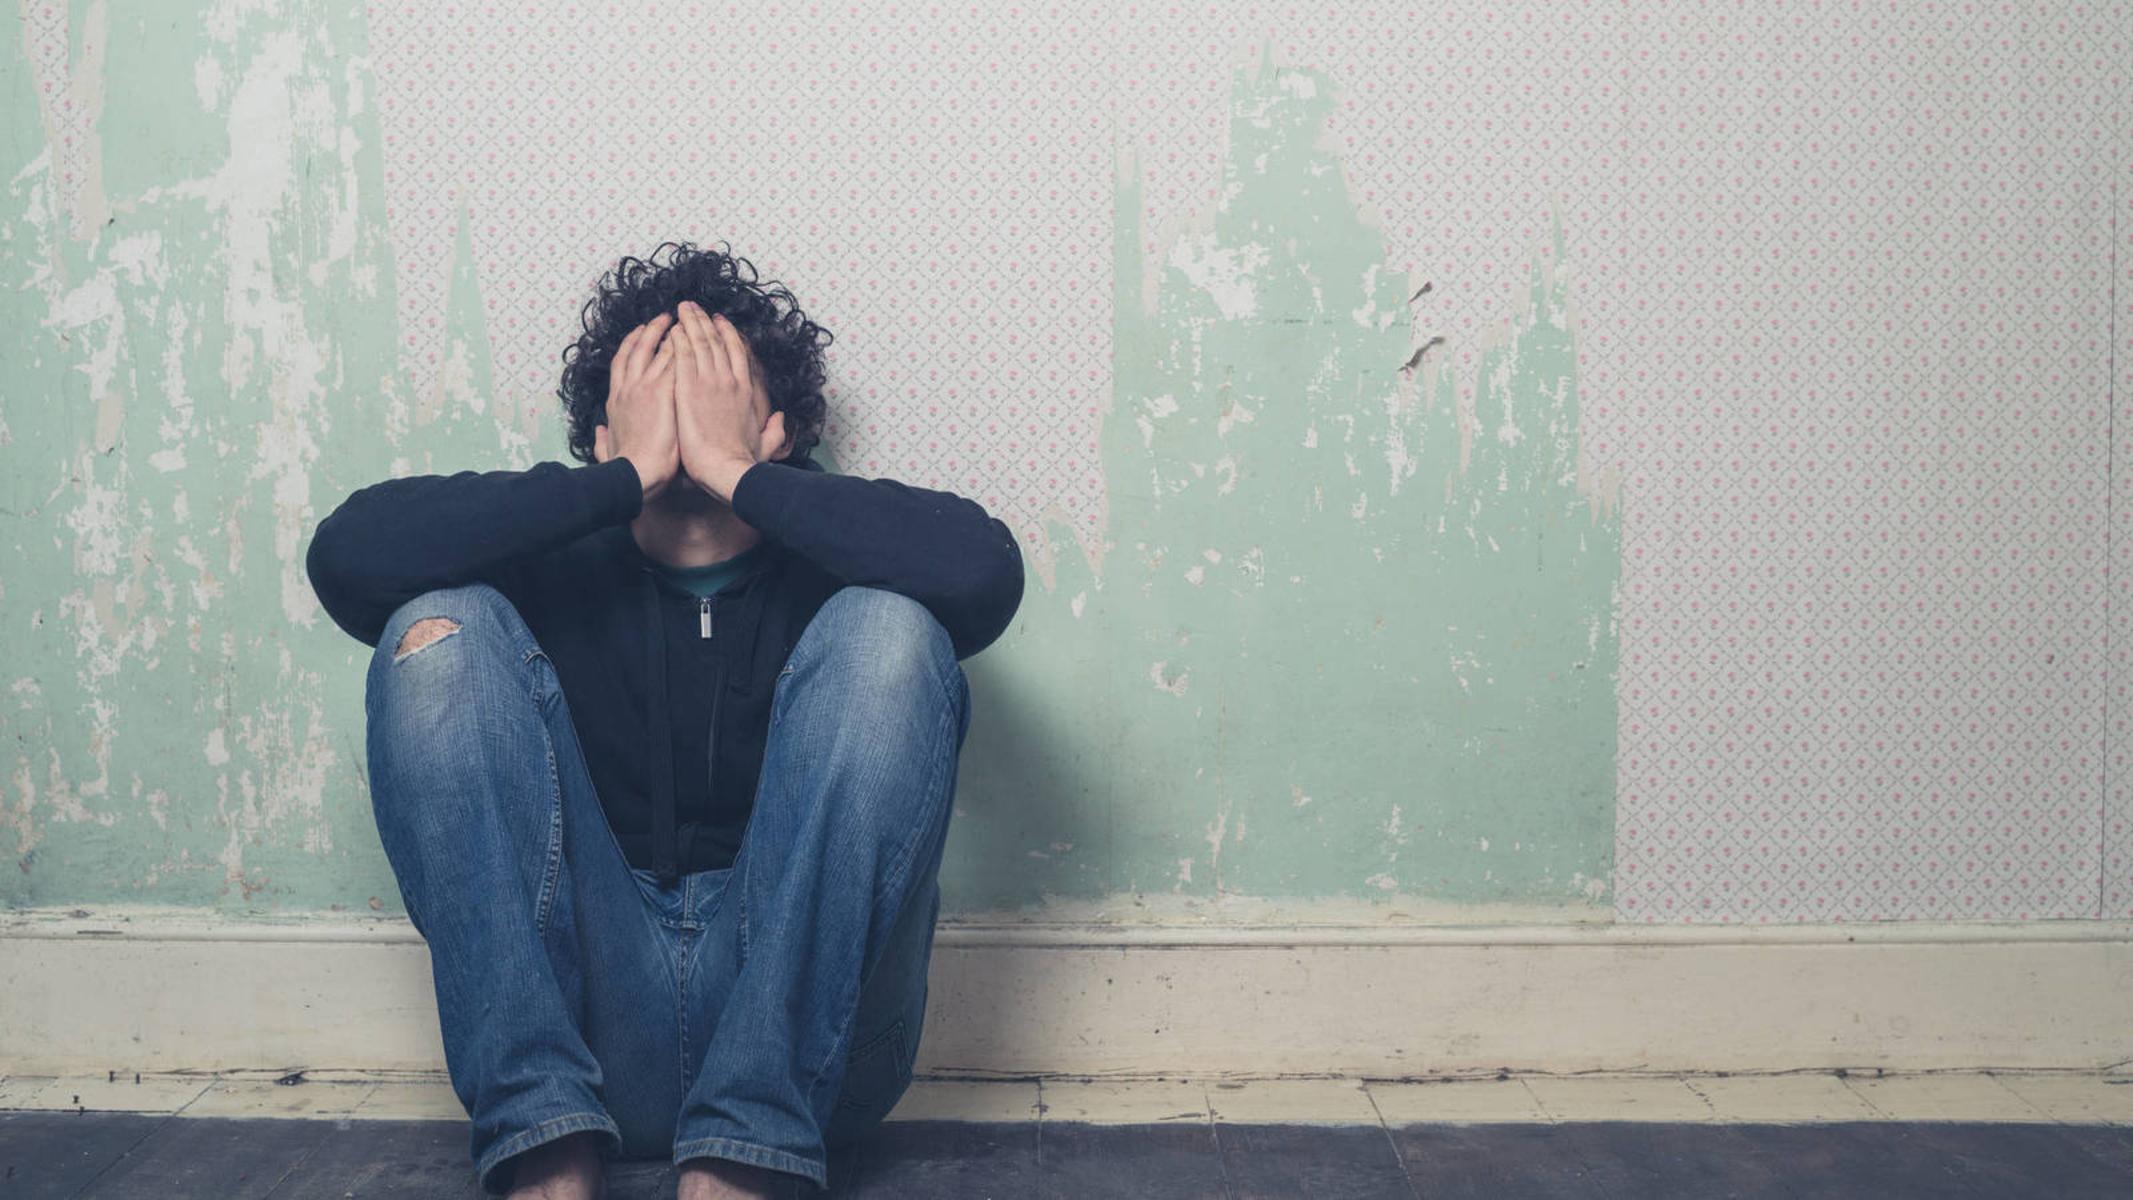 Κατάθλιψη Άνδρες: Είναι πιο επικίνδυνη σε αυτούς;